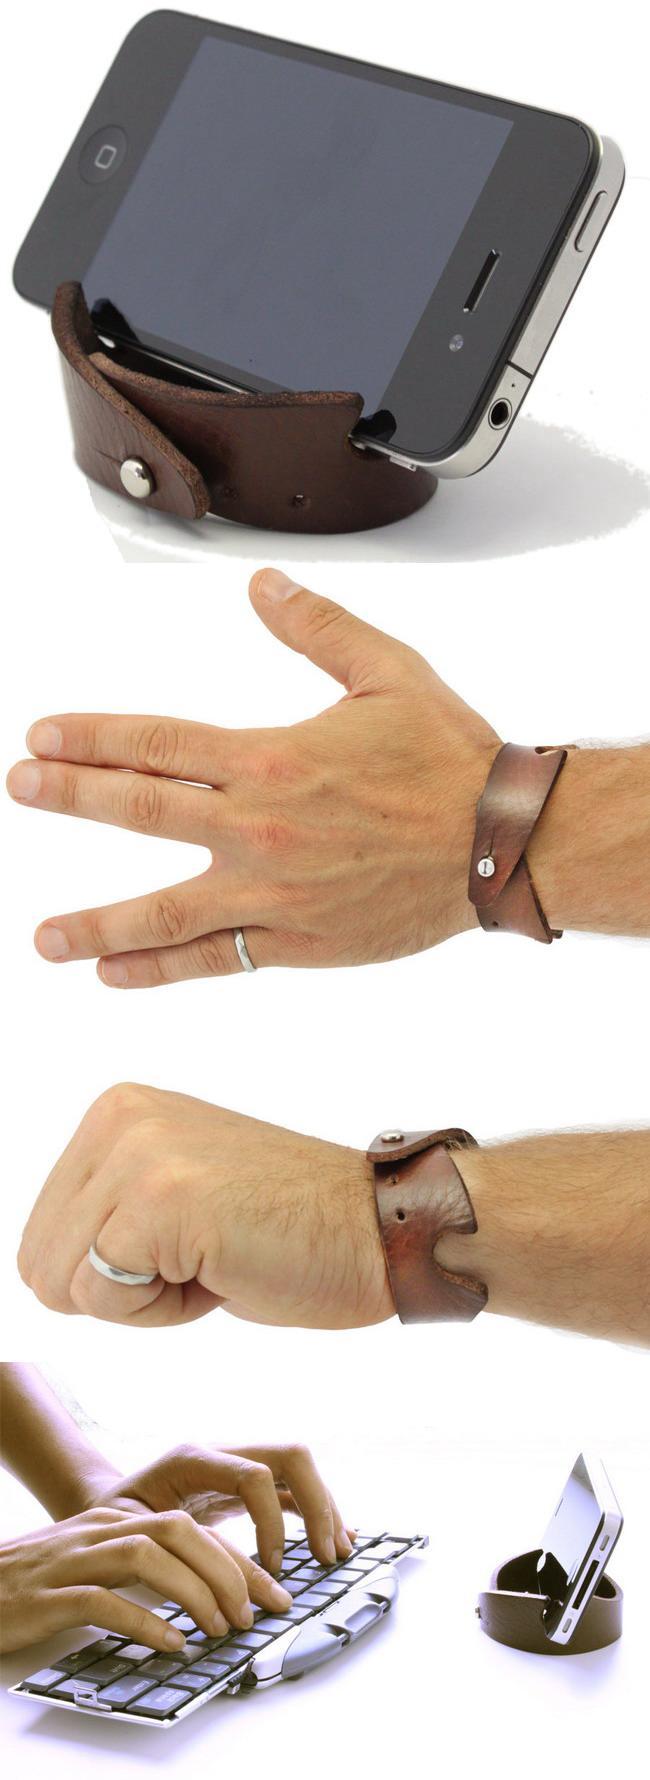 Кожаный браслет – подставка для мобильных устройств